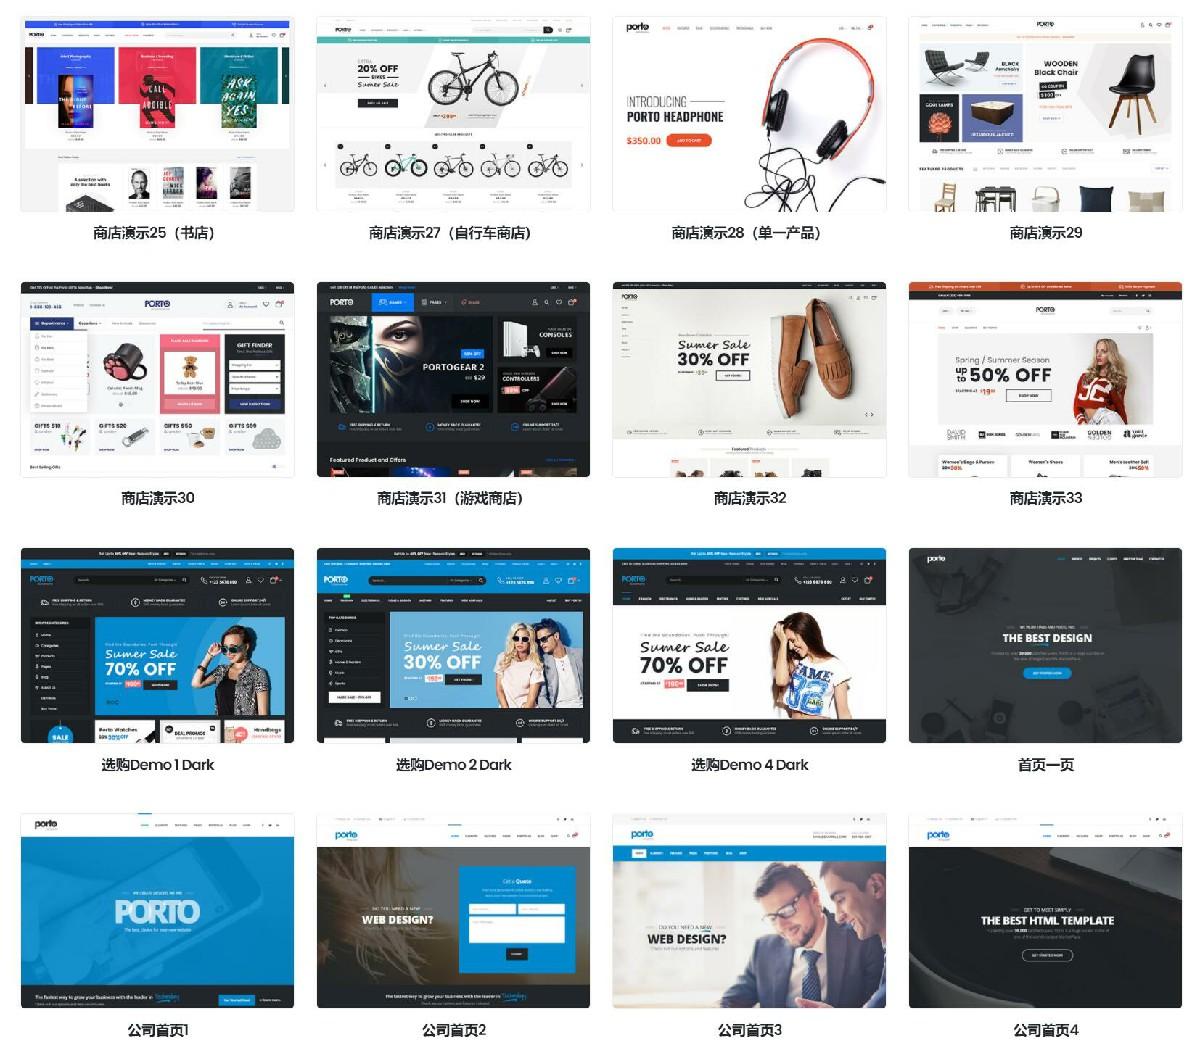 跨境电商网站模板 外贸商城企业网站wordpress主题 Porto V5.5.1中文汉化升级版插图1